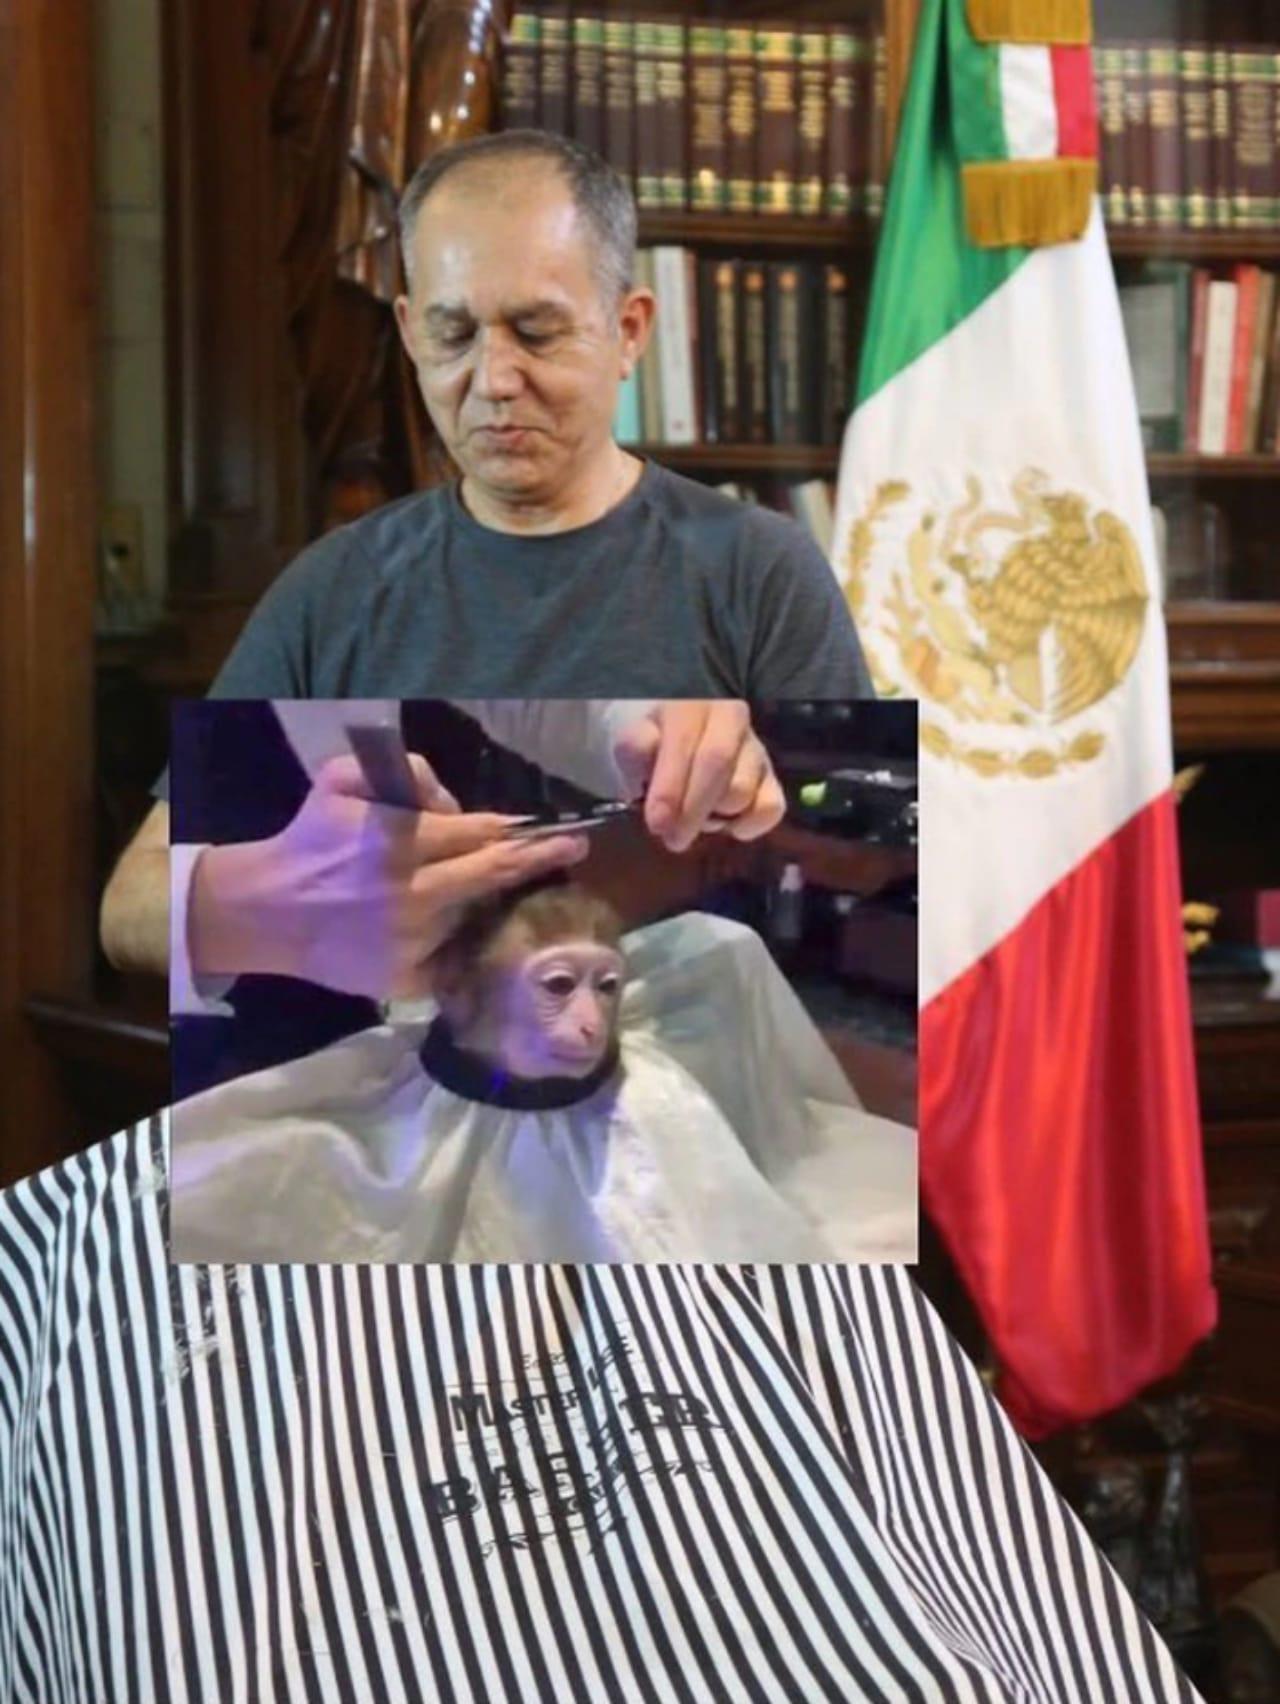 Meme peluquero AMLO mono